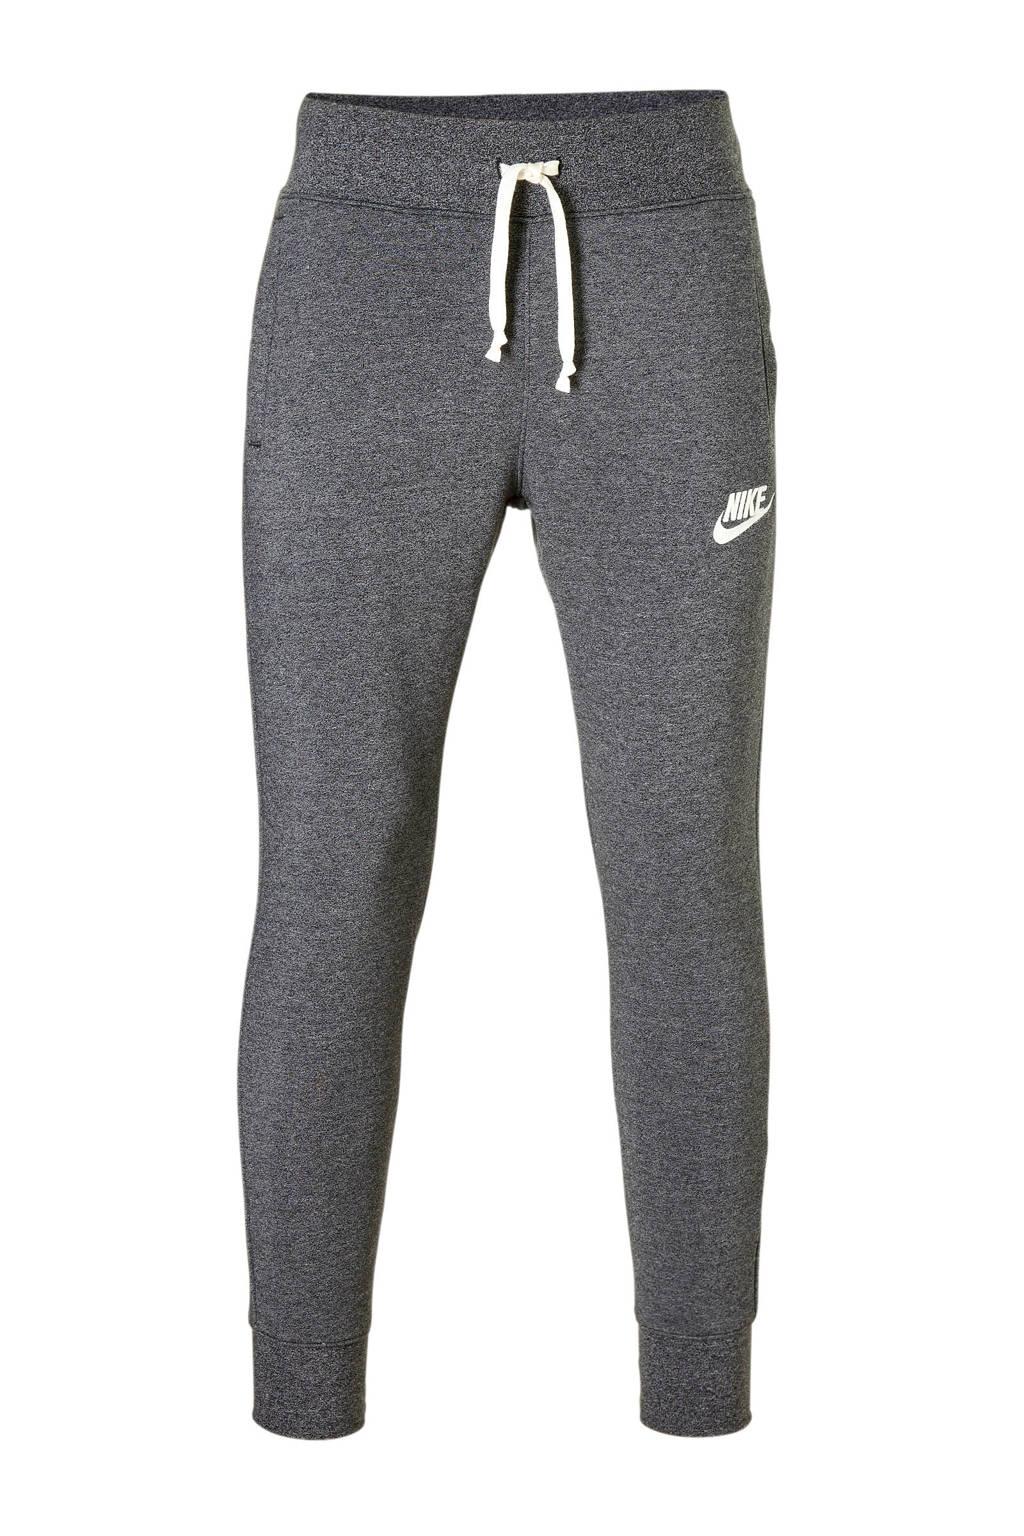 Nike joggingbroek antraciet gemêleerd, Antraciet